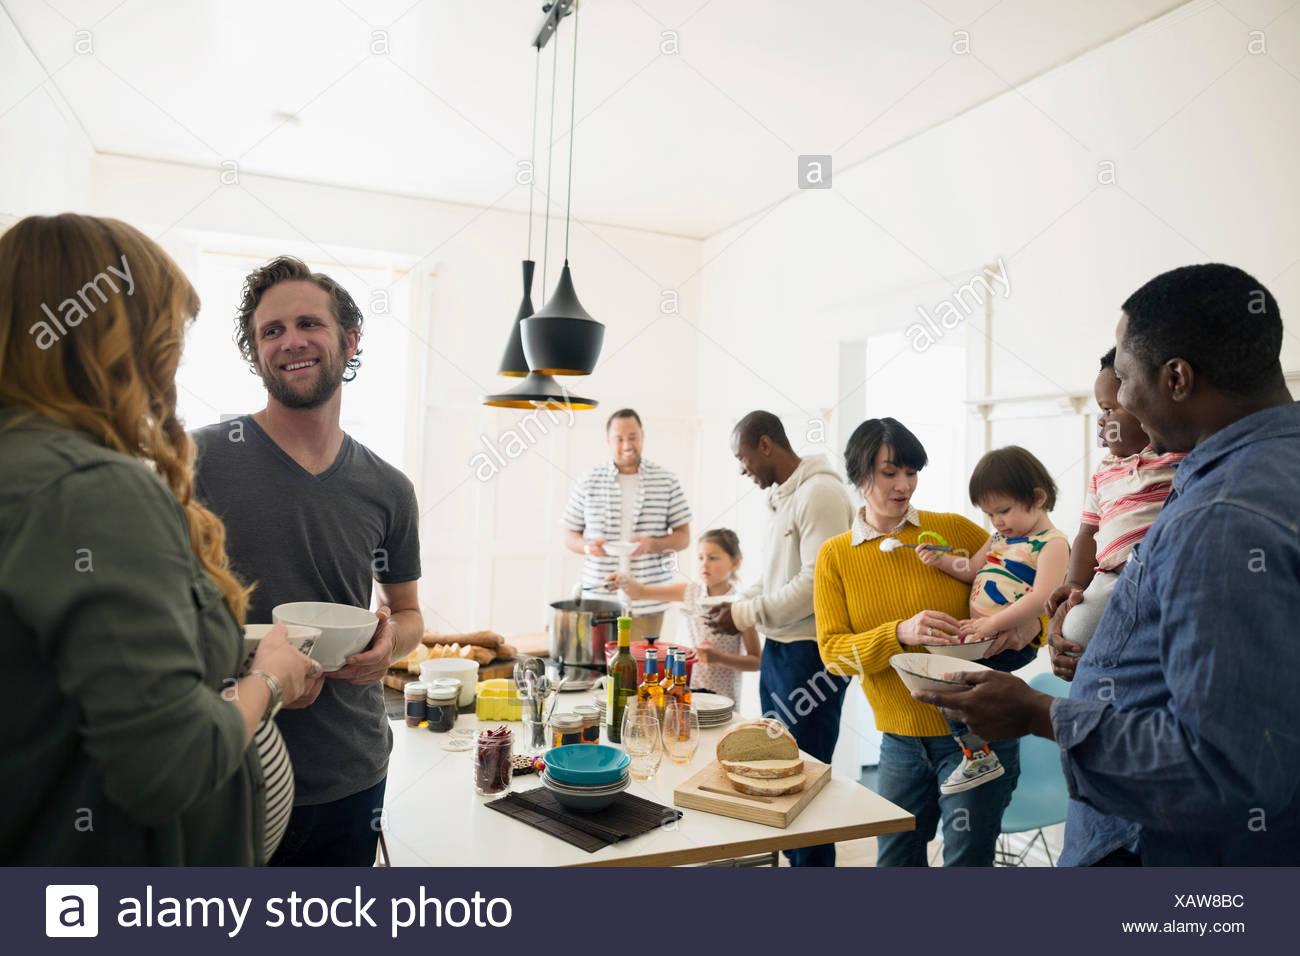 Hablando de familias disfrutando del almuerzo buffet en el comedor Imagen De Stock